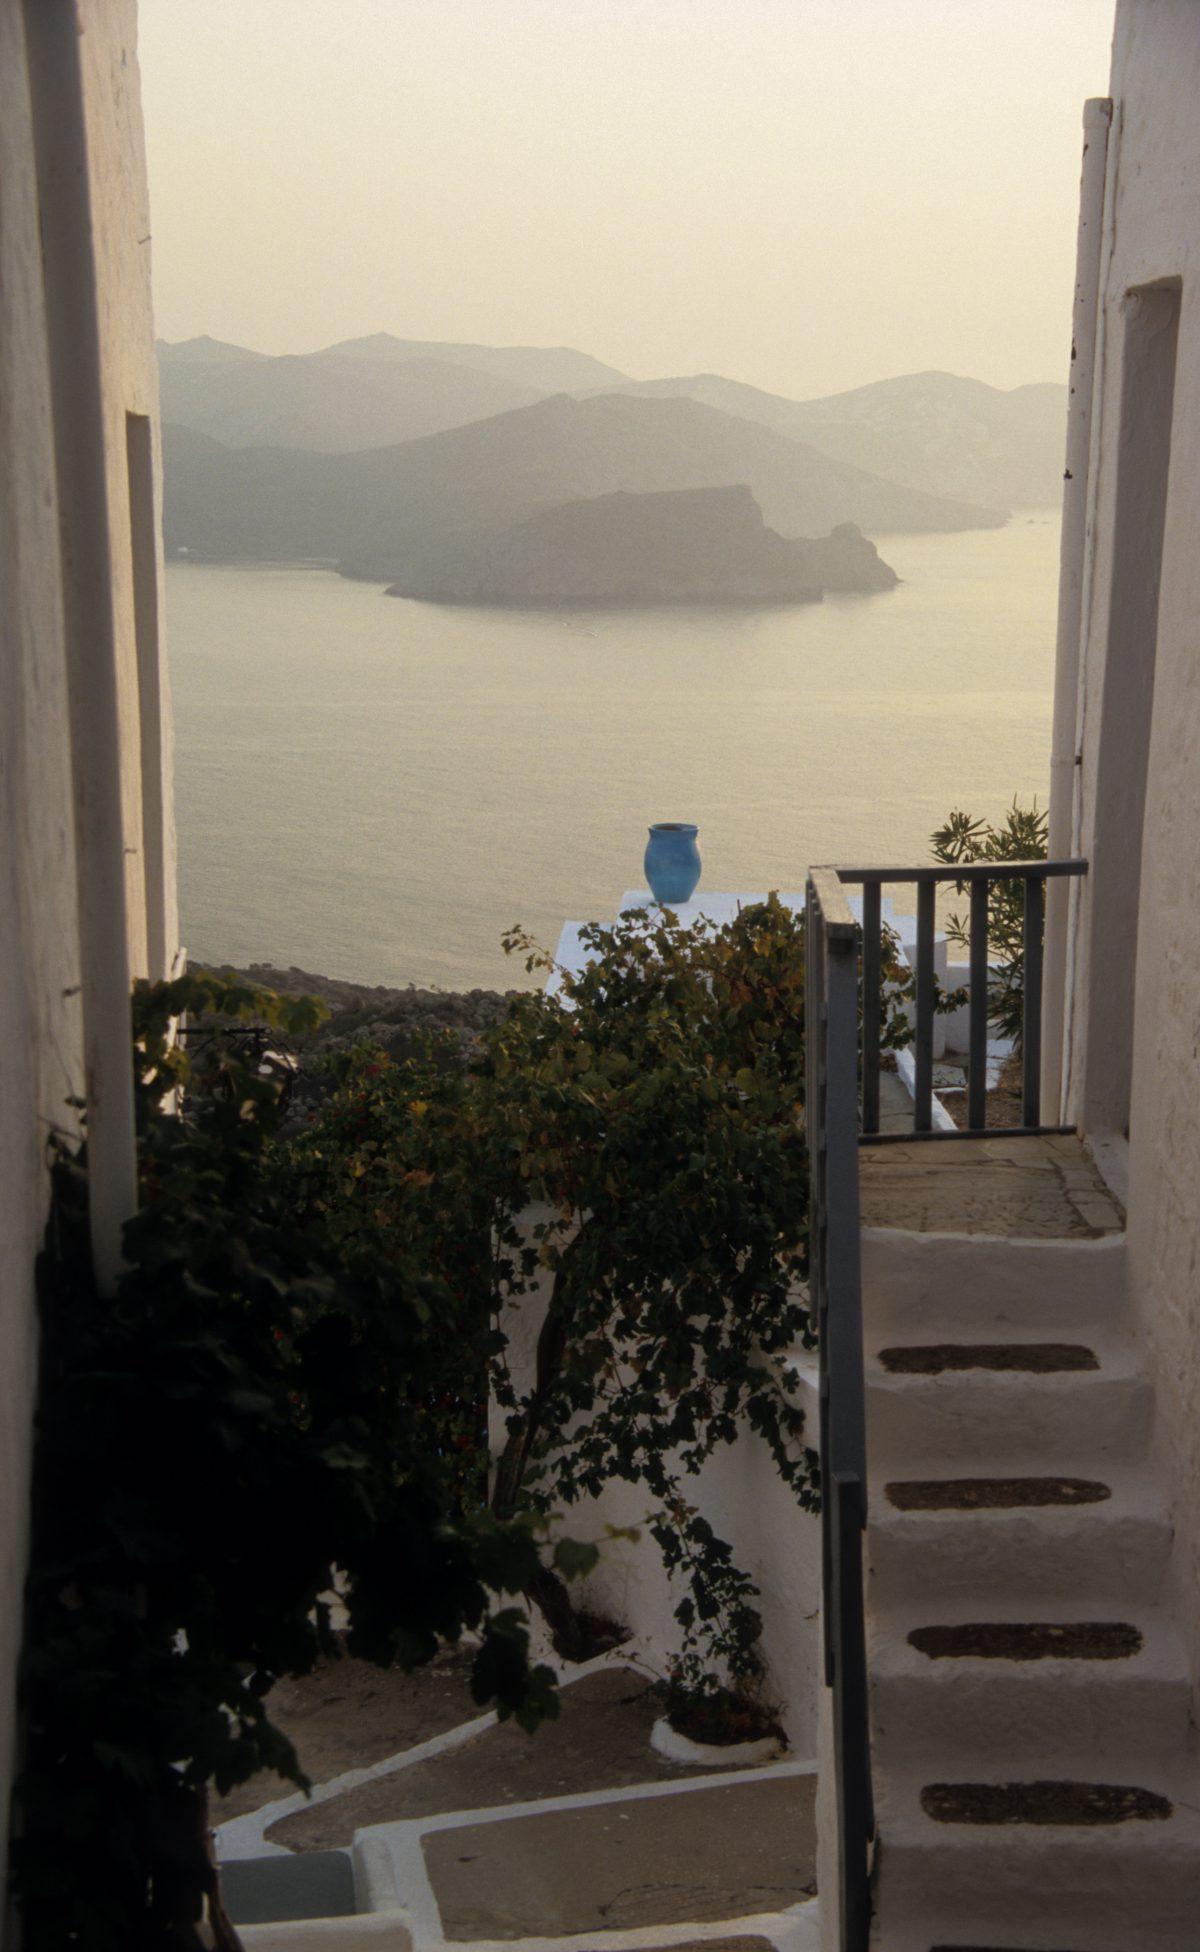 sea, stair, village